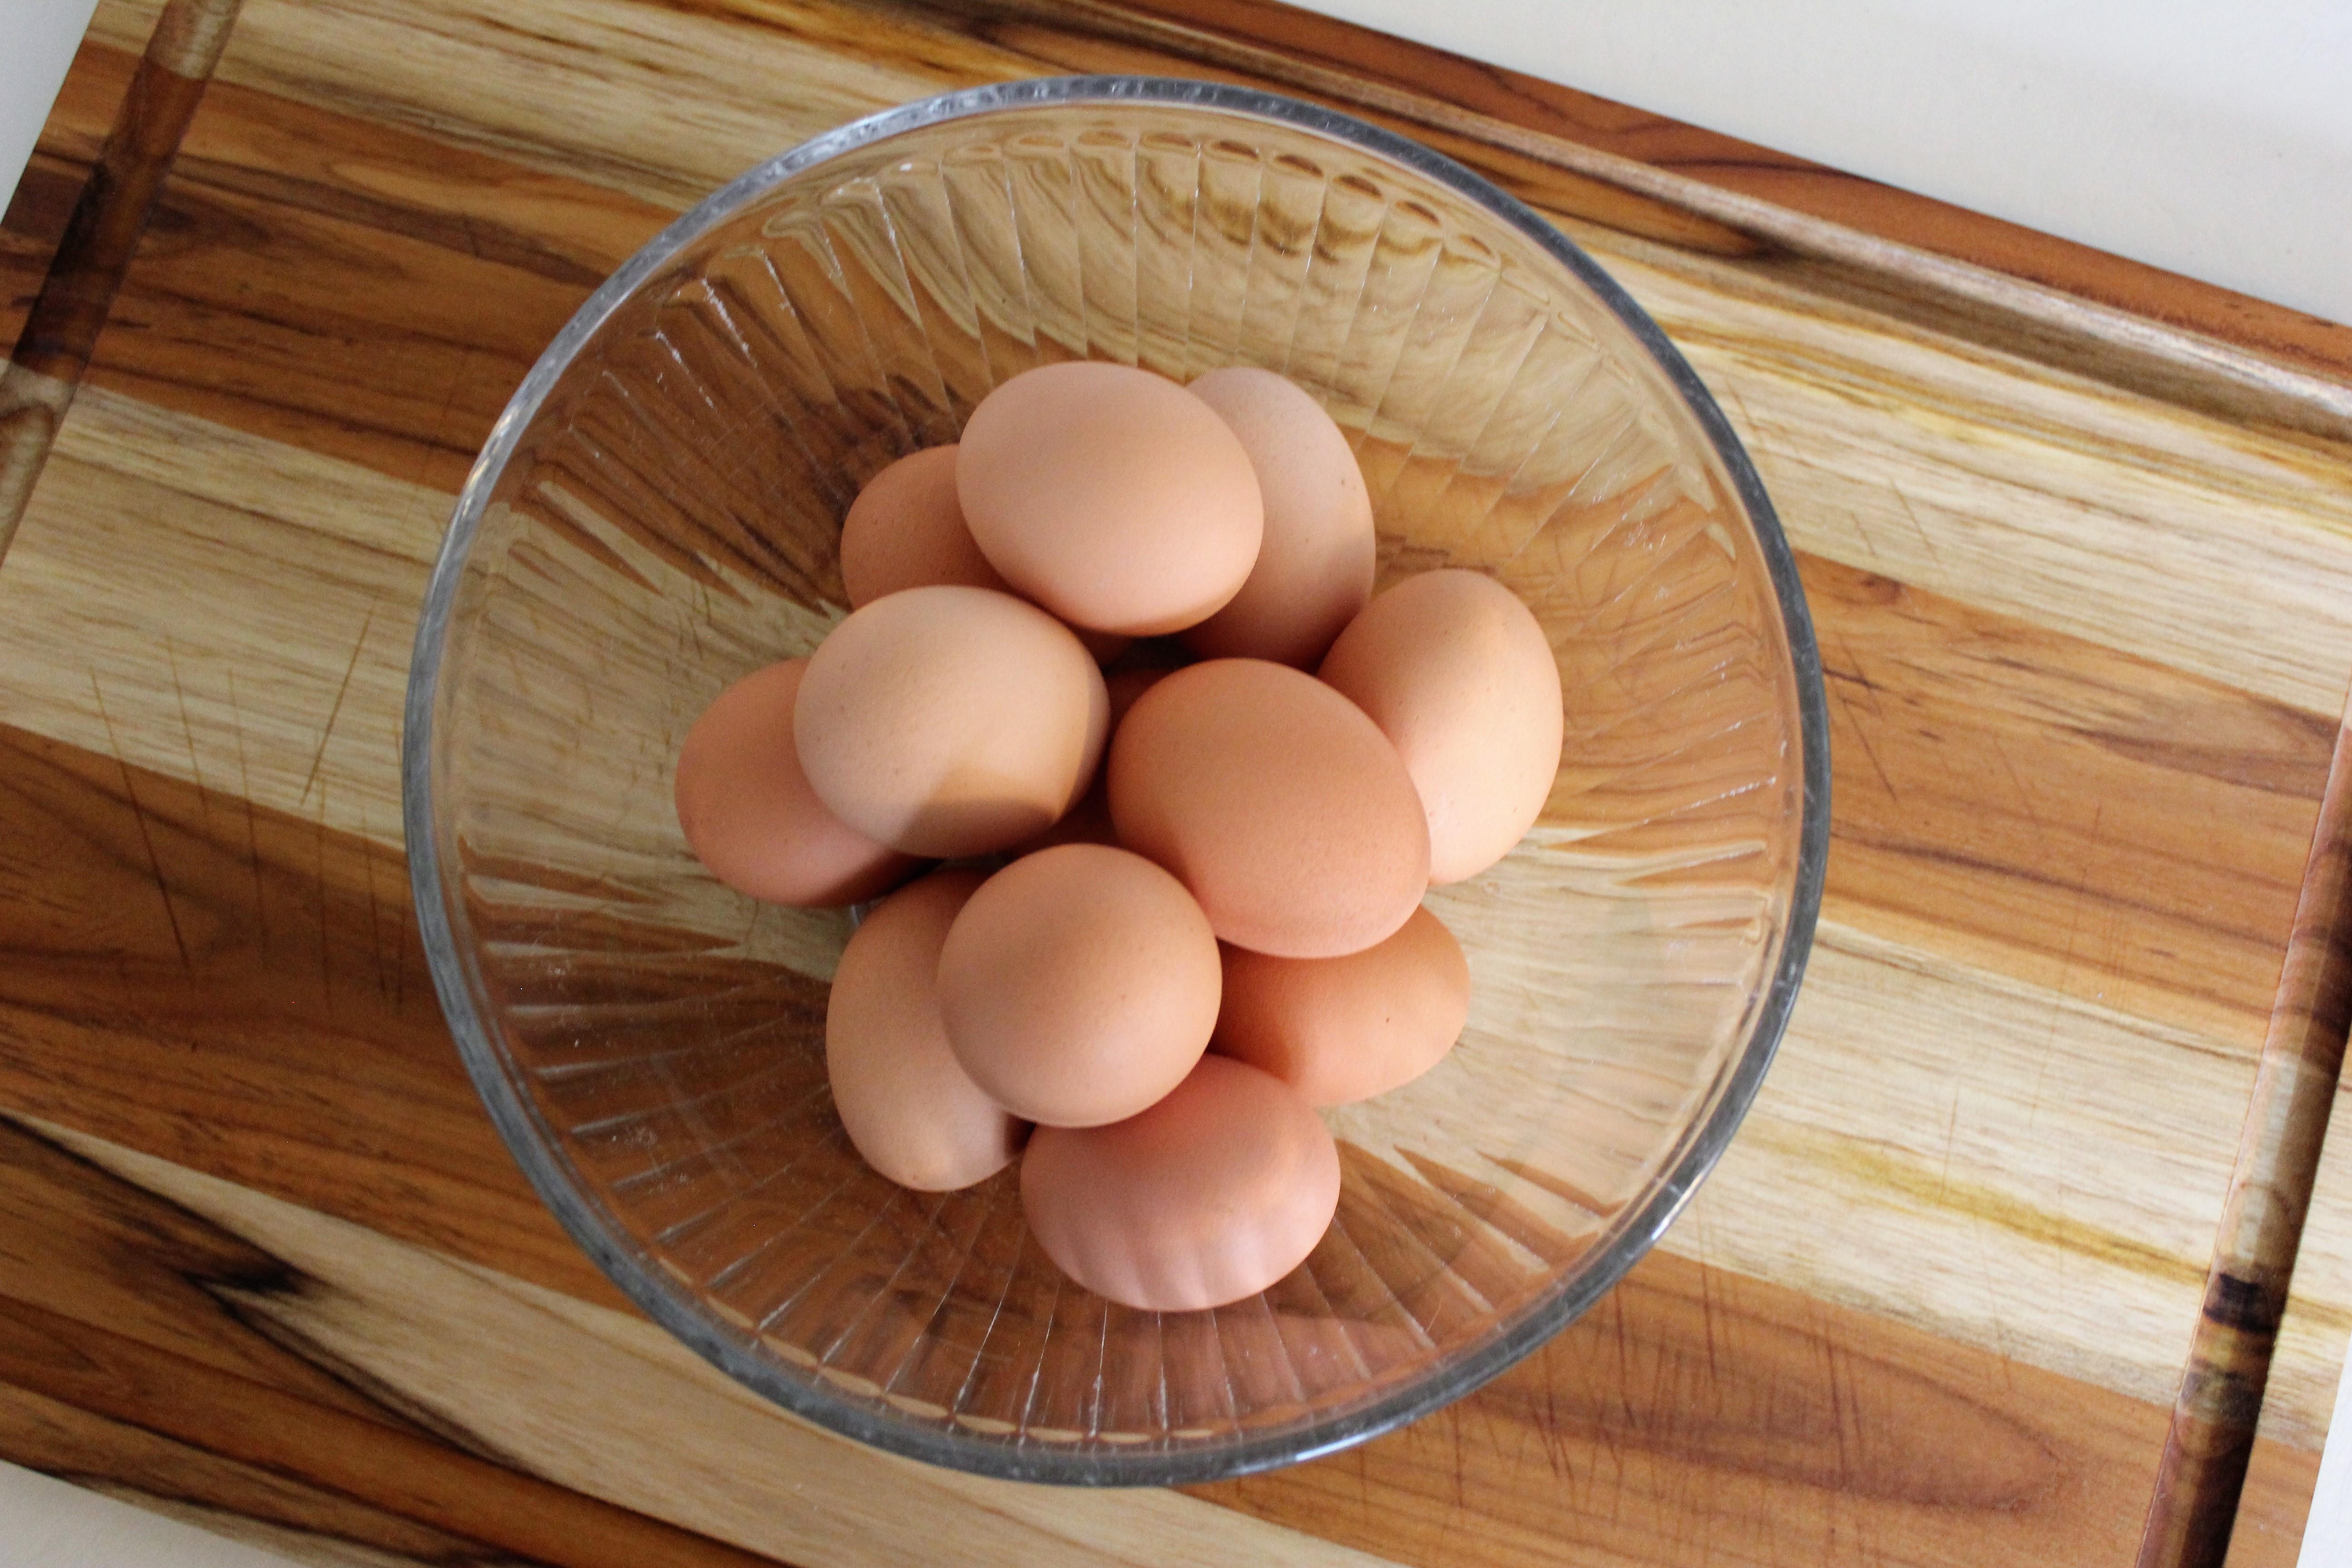 Single Dozen Summer Egg Share